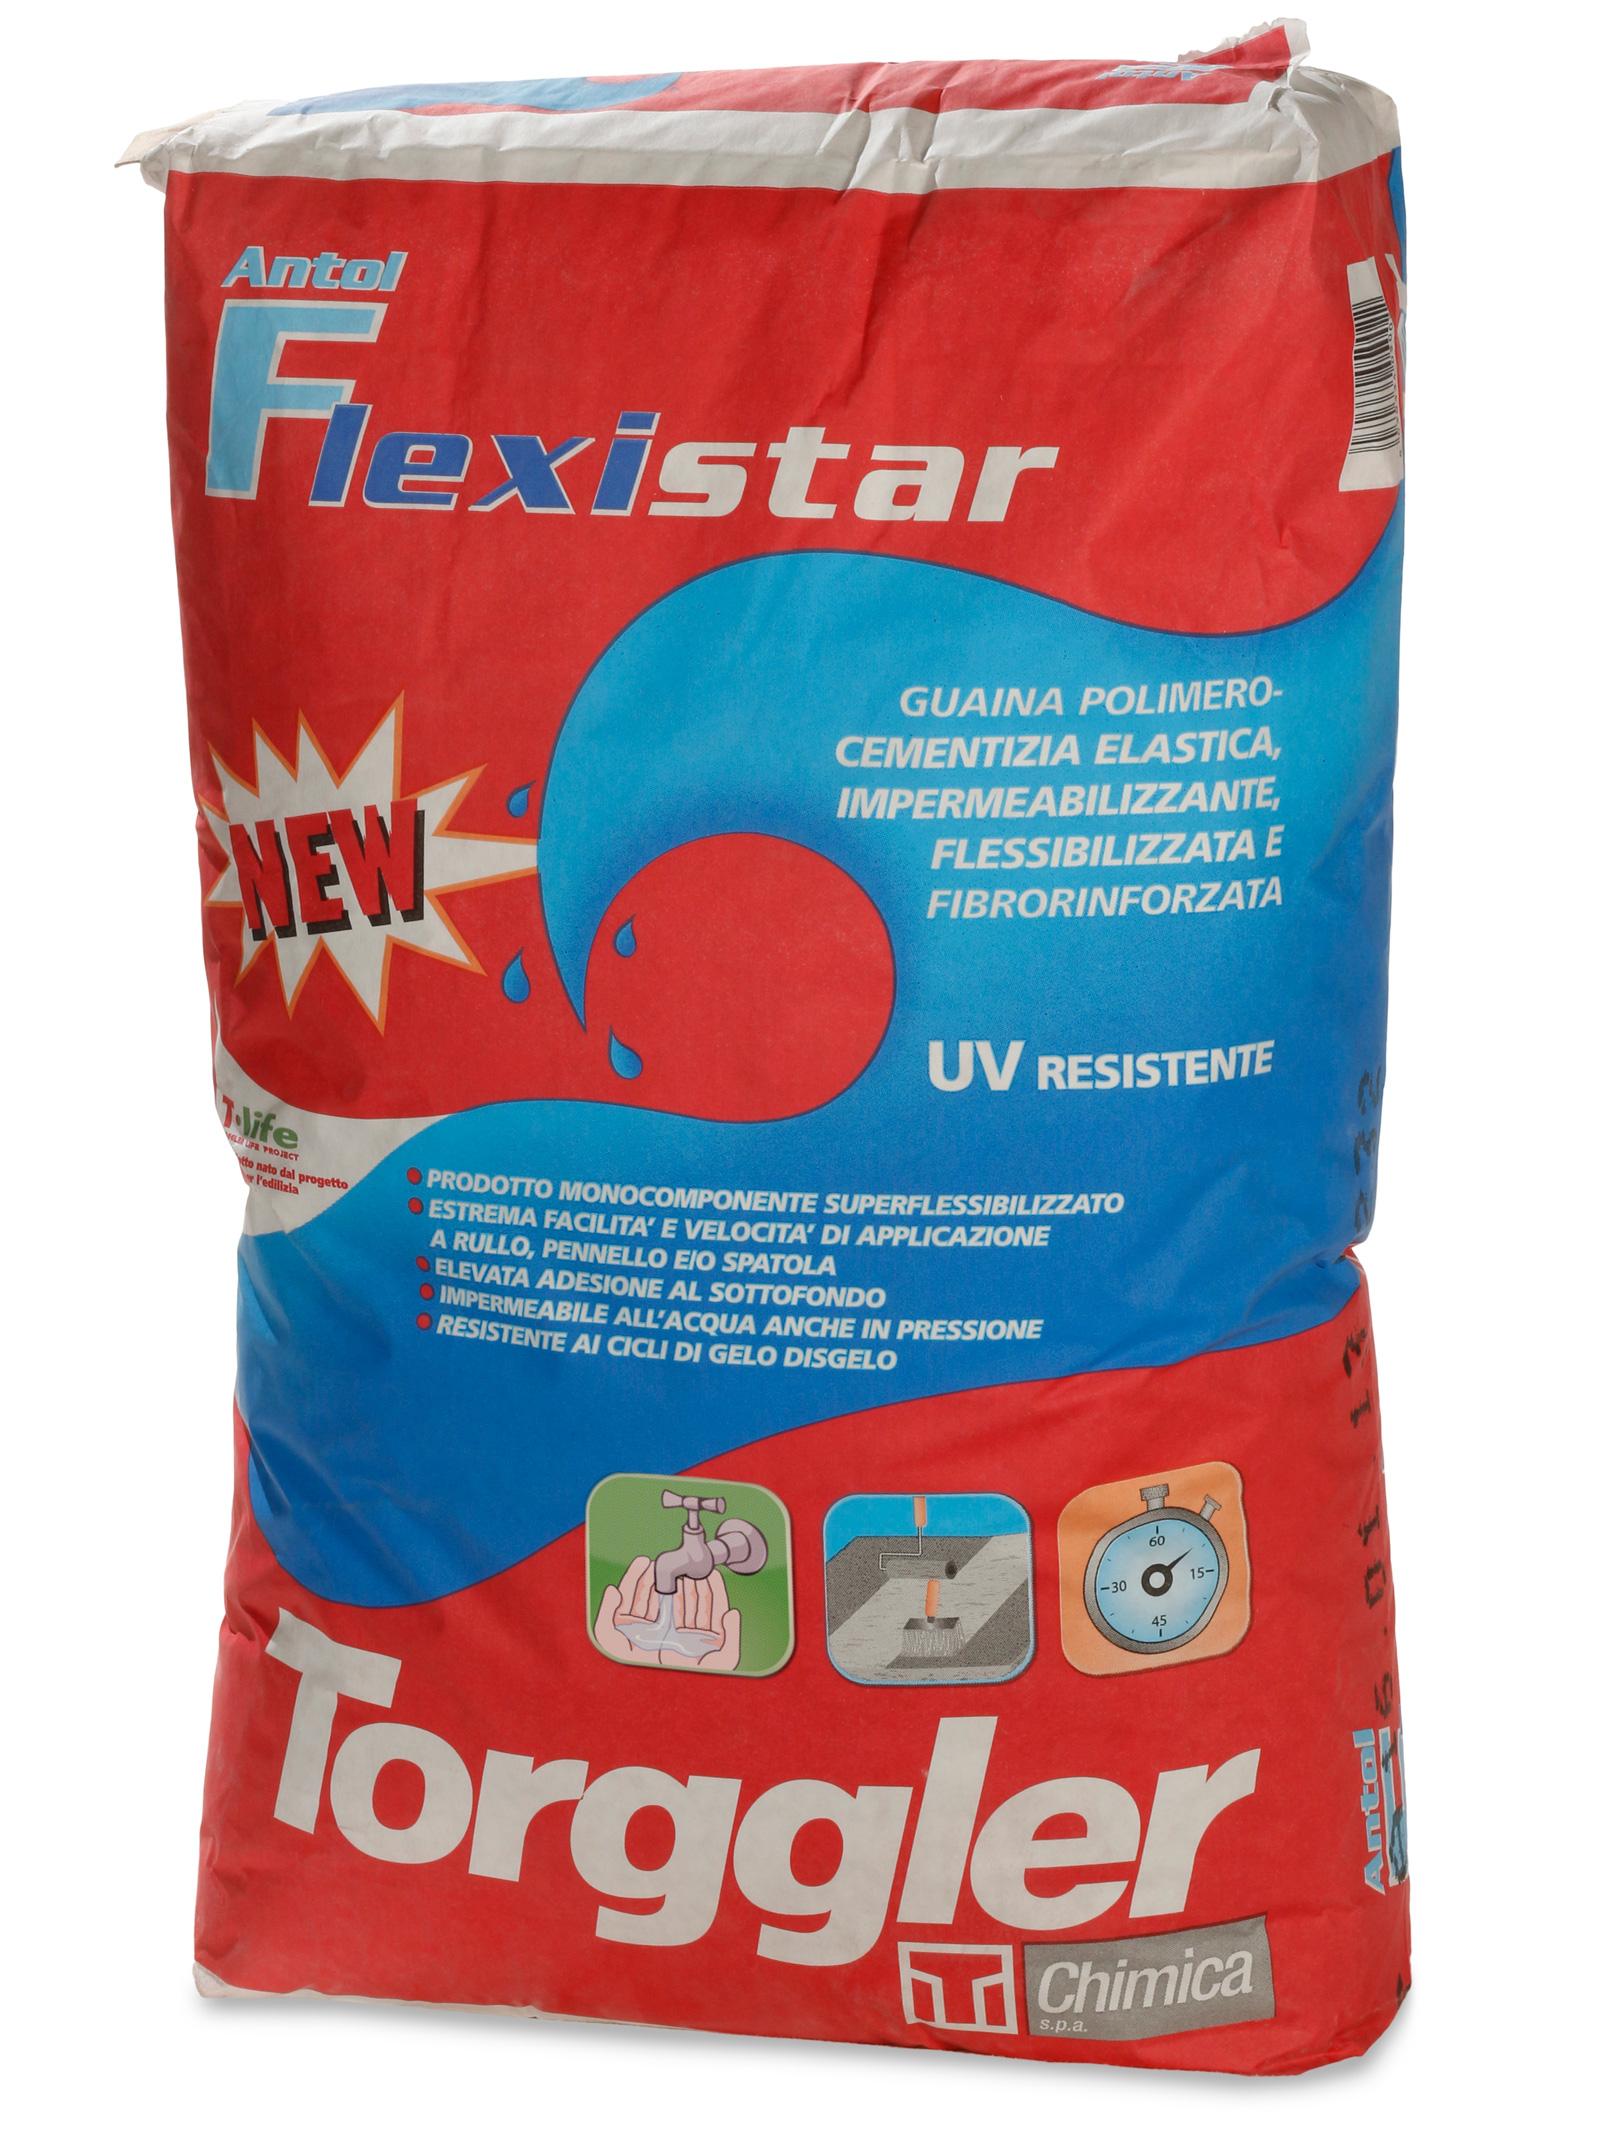 Antol Flexistar TORGGLER Image